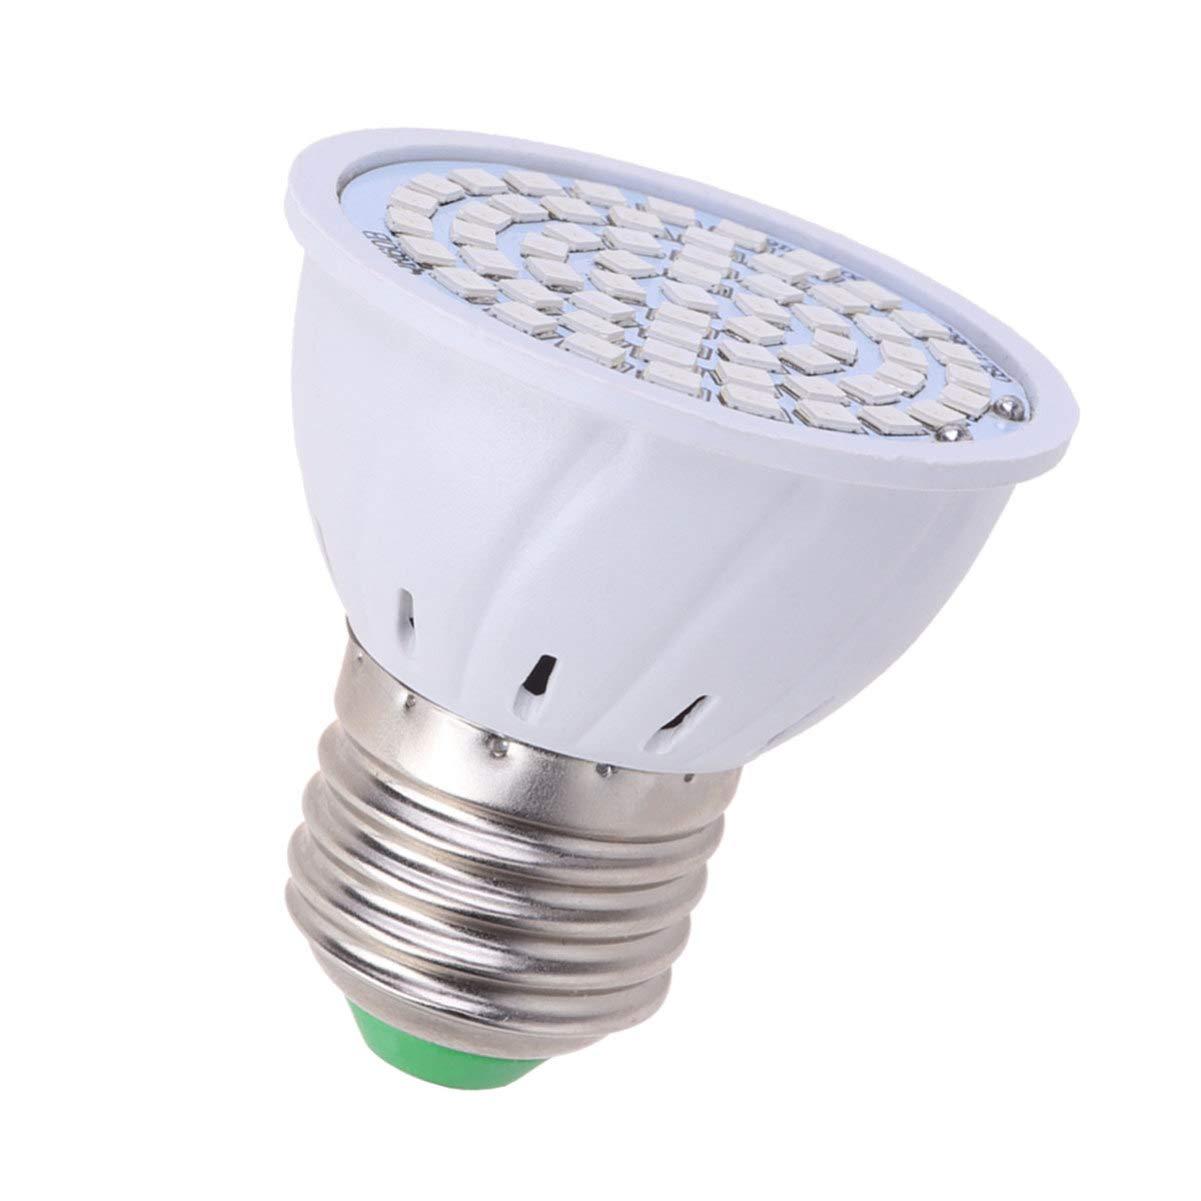 Uonlytech 1 Pc LED Grow Light Bulb E27 Socket Full Spectrum Plant Growth Lamp Pants Grow Light Plant Spotlight for Home Fish Tank Office